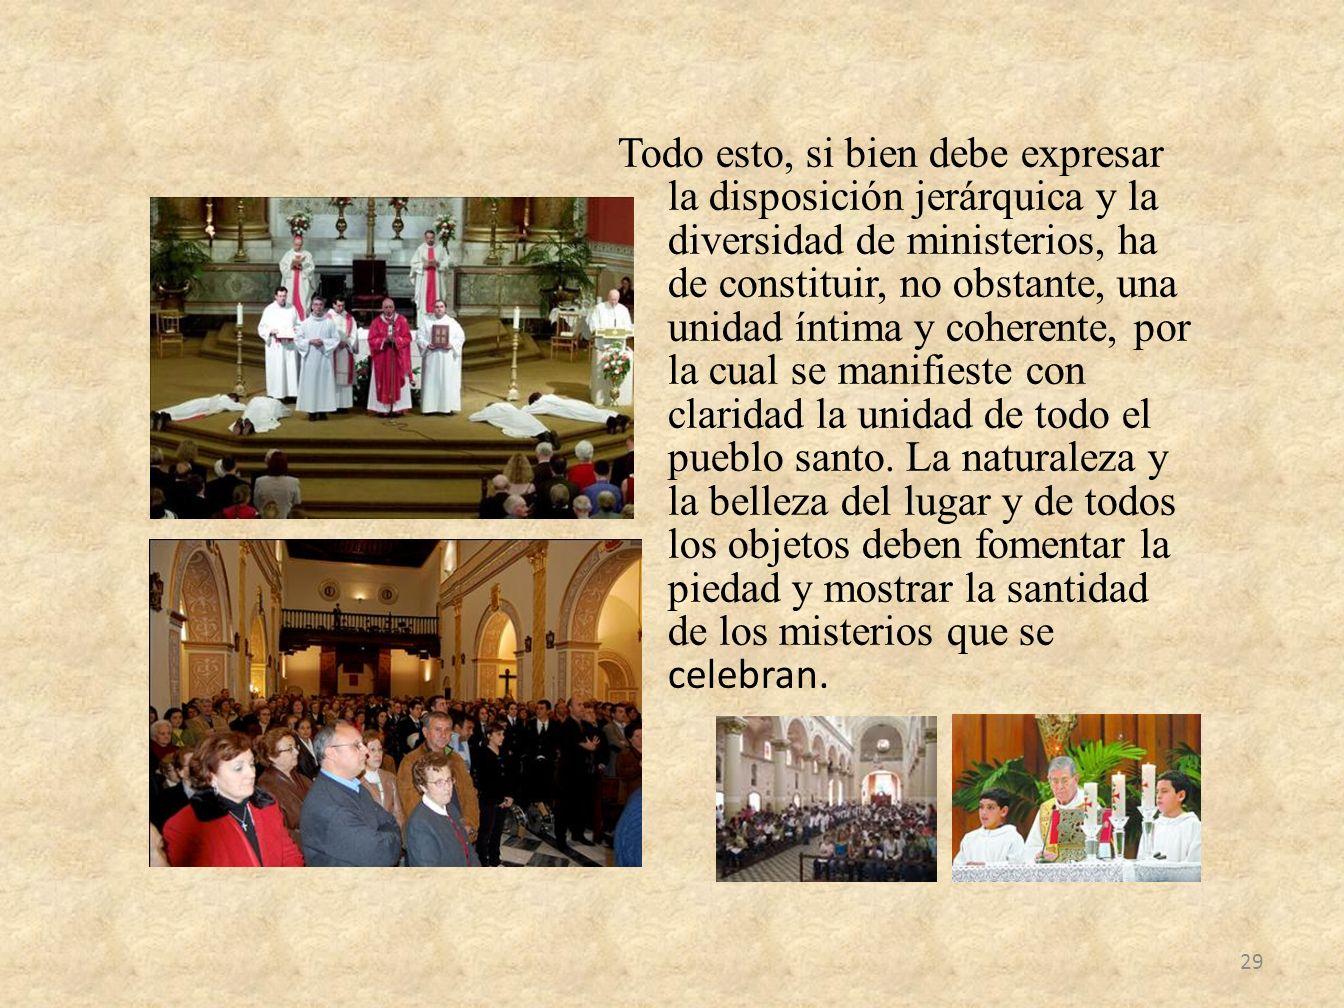 Todo esto, si bien debe expresar la disposición jerárquica y la diversidad de ministerios, ha de constituir, no obstante, una unidad íntima y coherente, por la cual se manifieste con claridad la unidad de todo el pueblo santo.